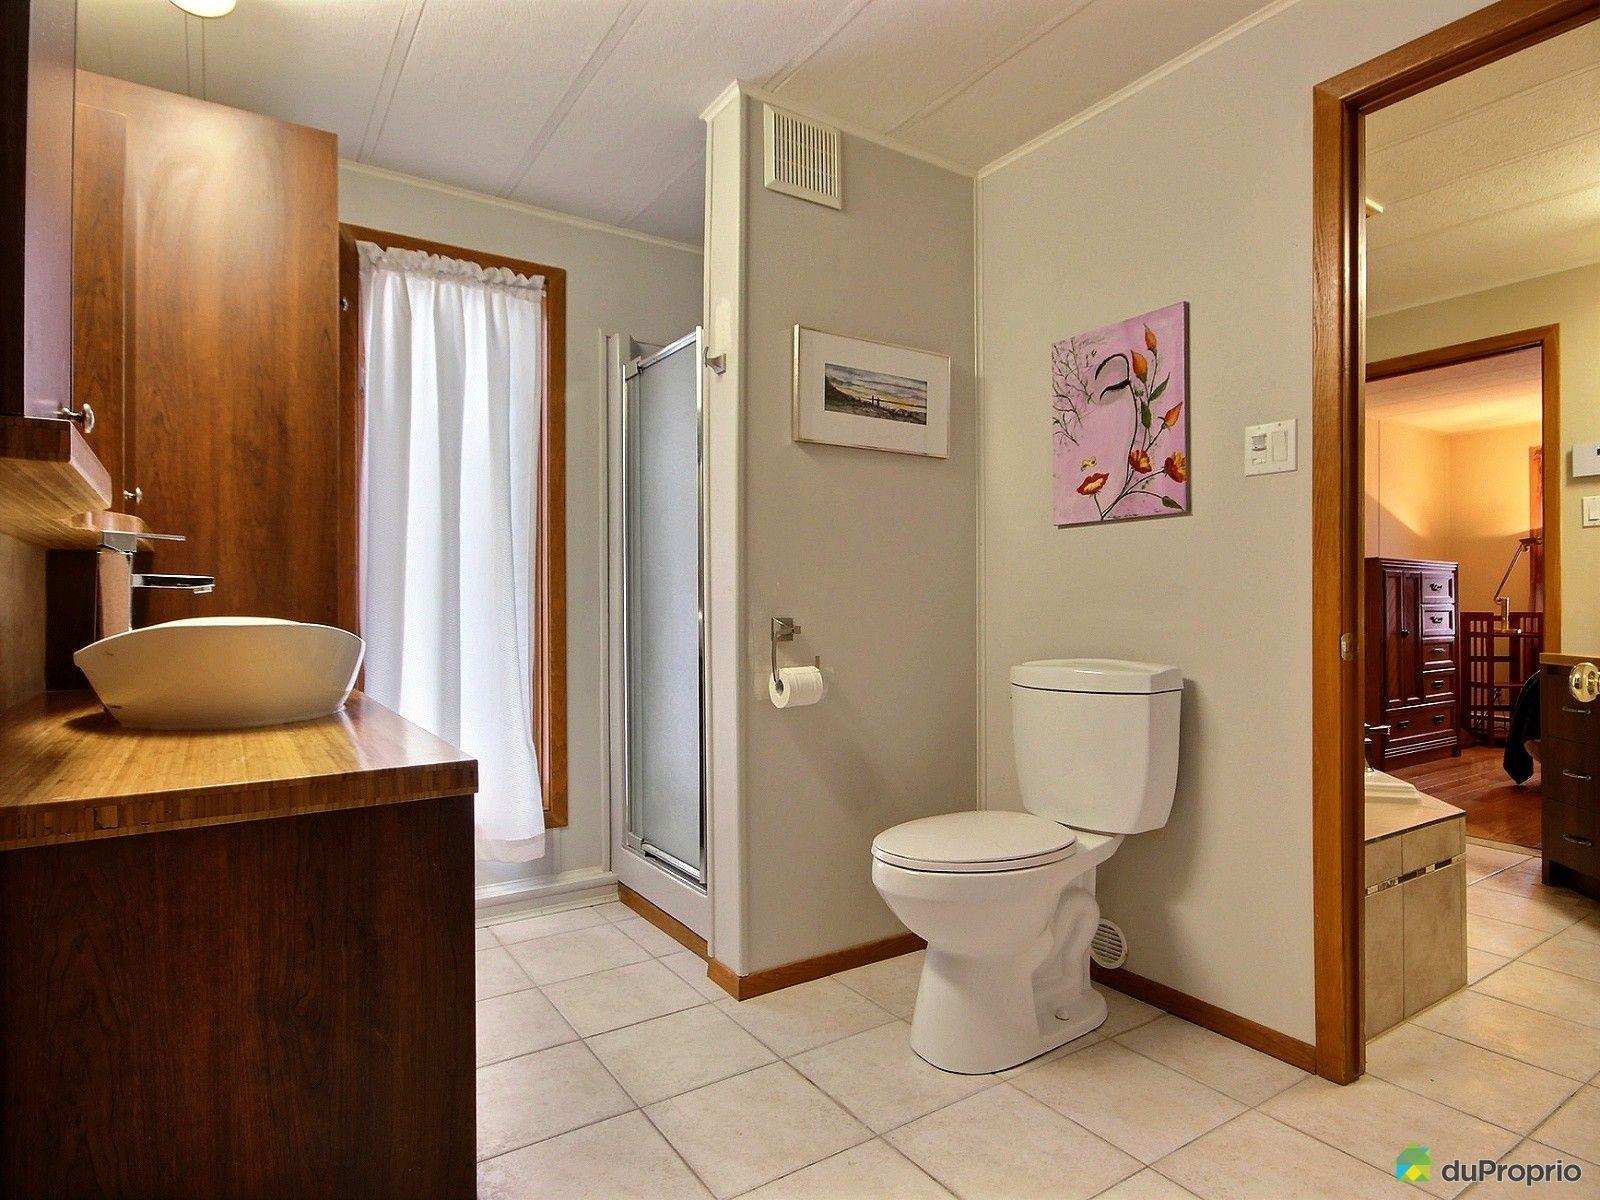 Maison vendre charlesbourg 1035 rue des fraisiers for Salle de bain mobile